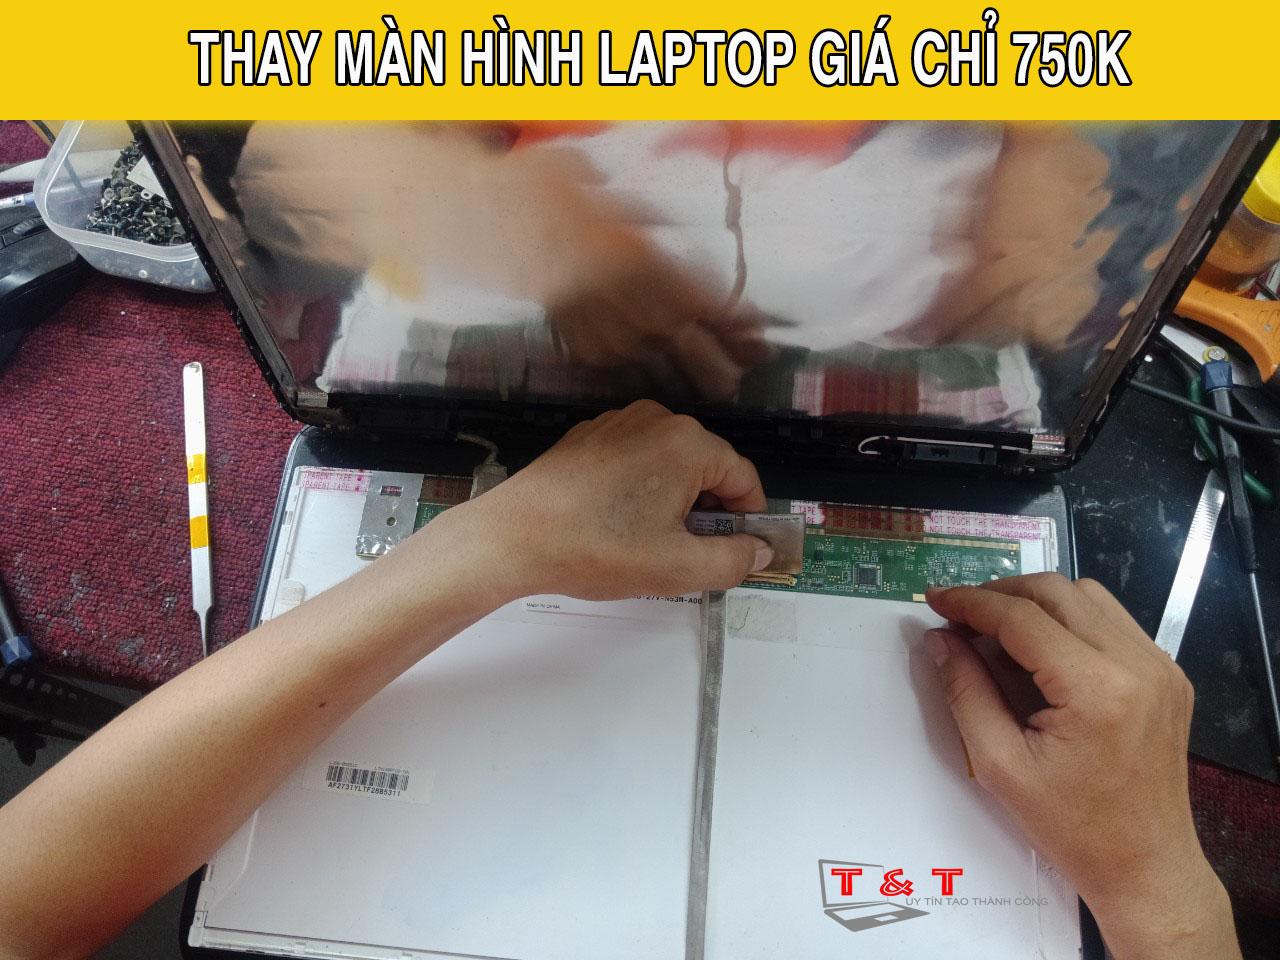 thay-man-hinh-laptop-tai-da-nang